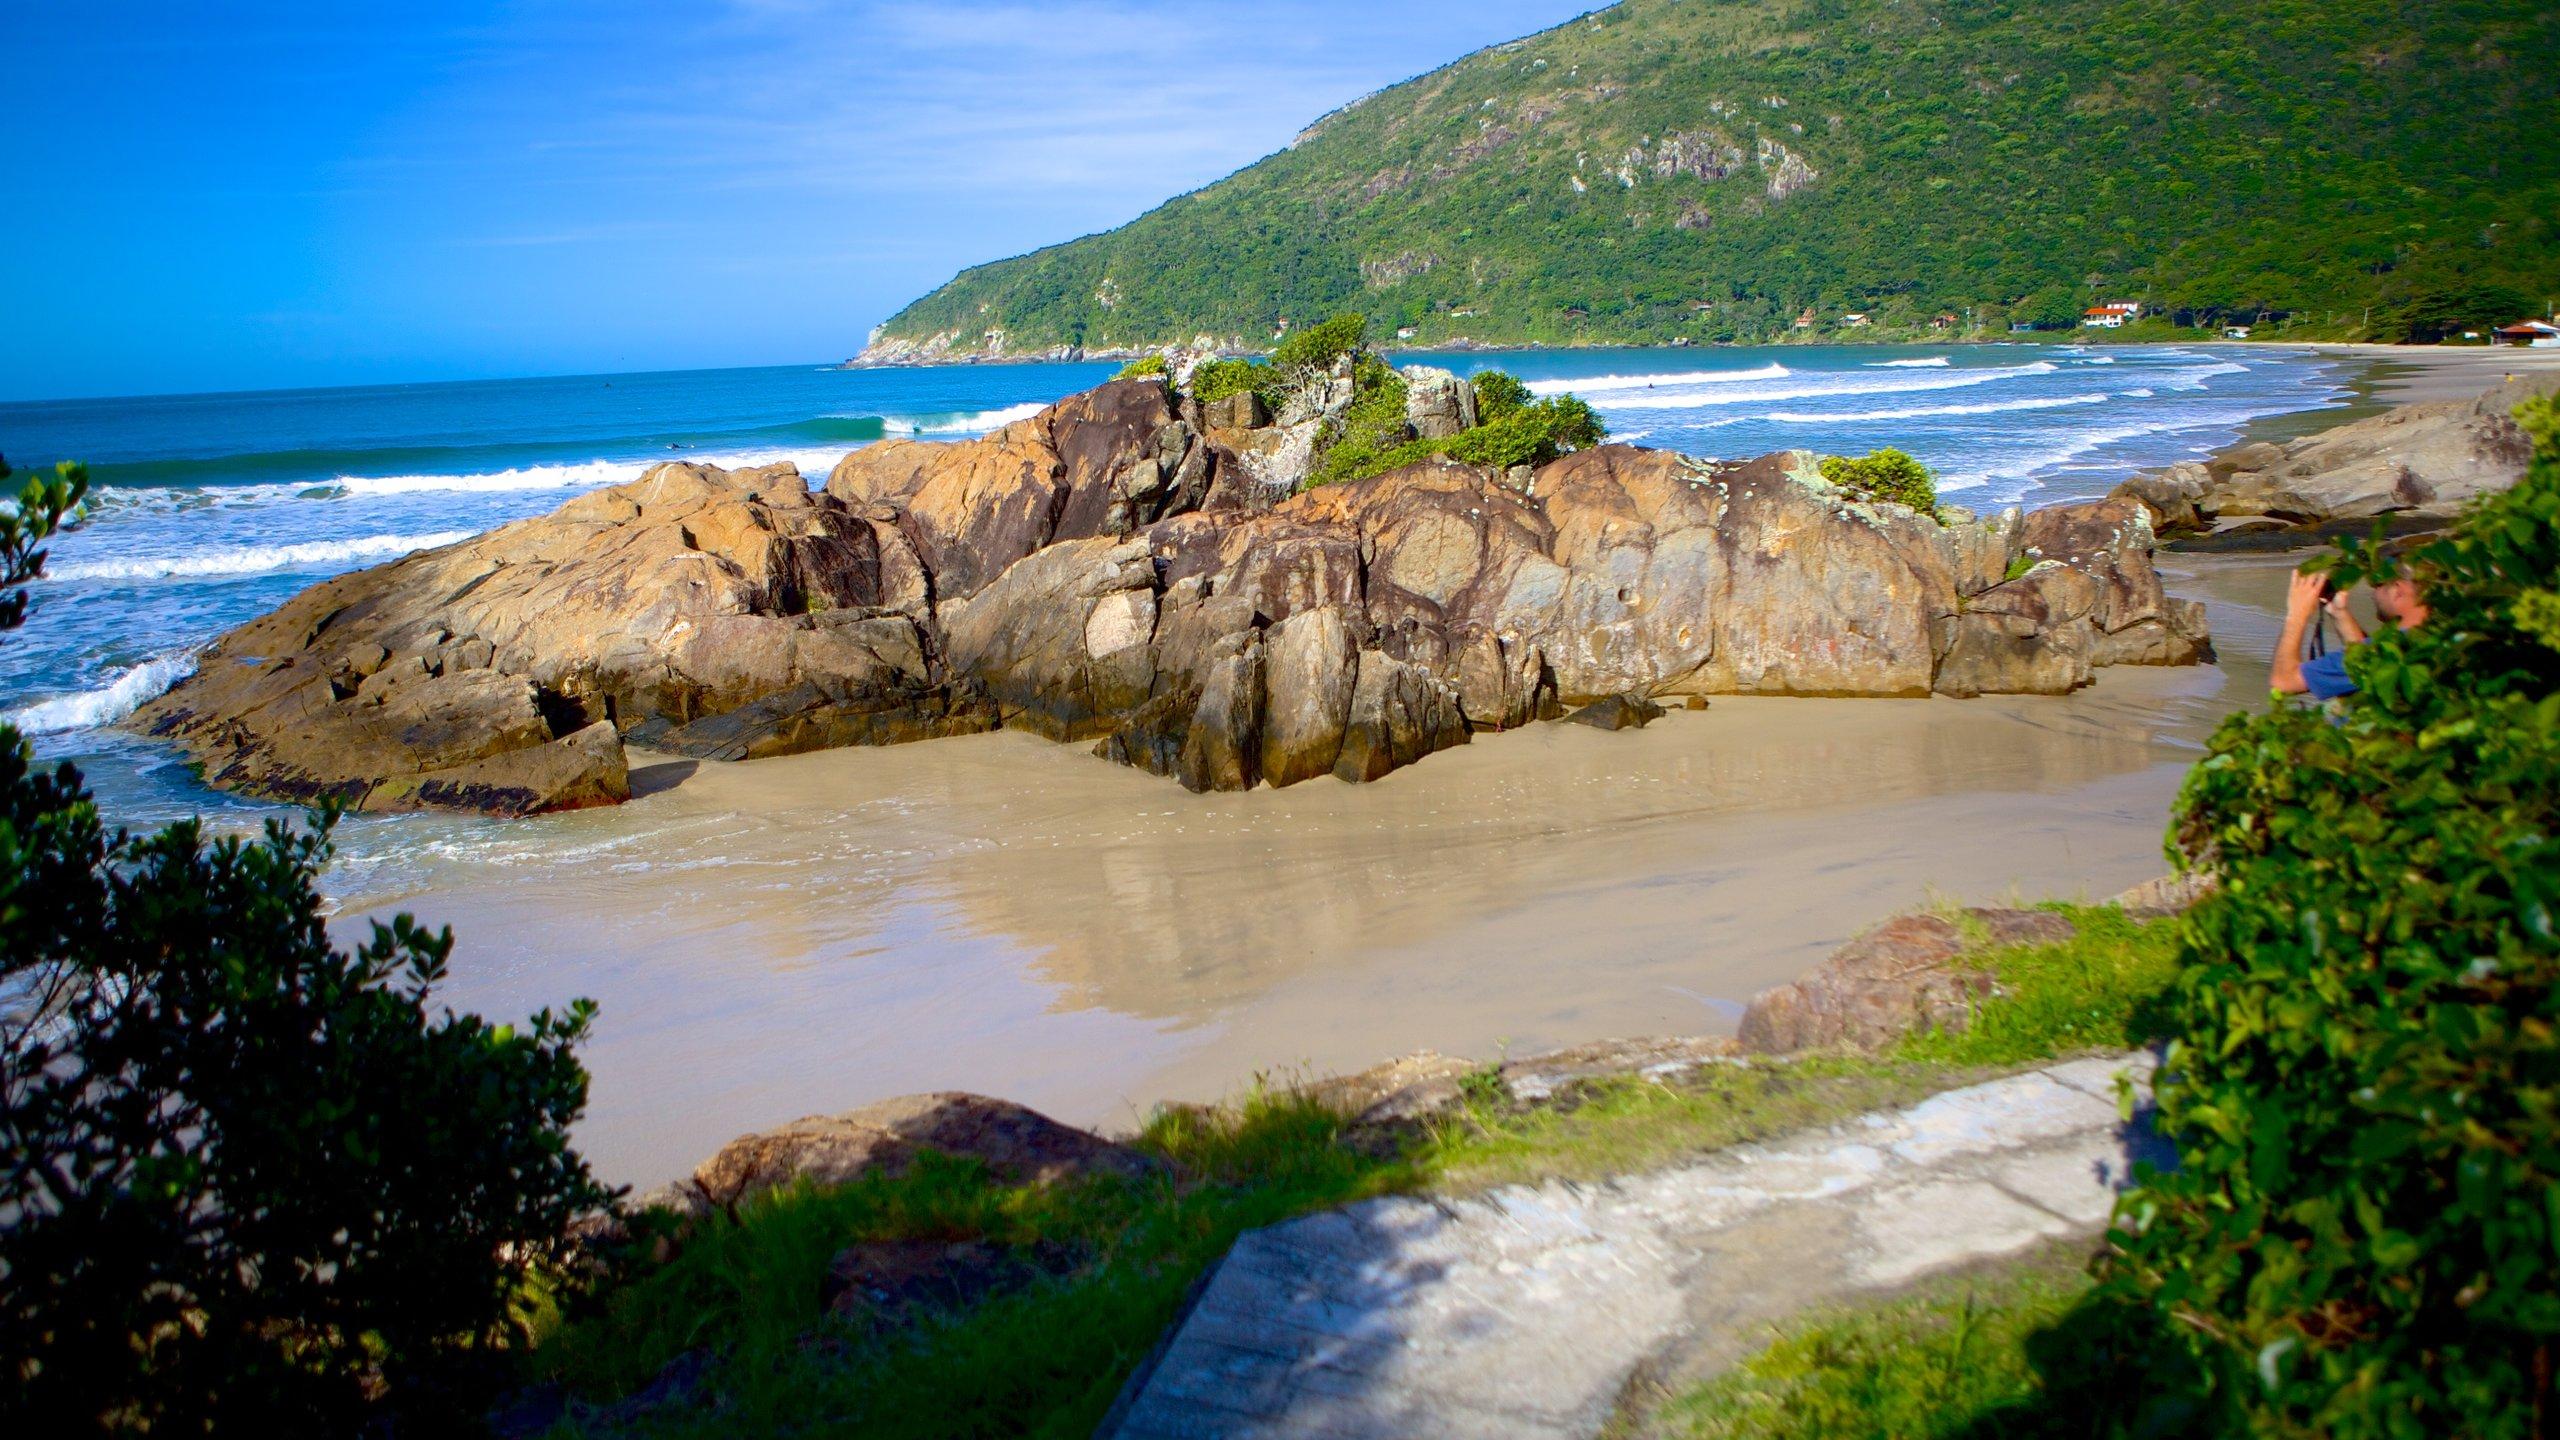 Santa Catarina Island, Santa Catarina State, Brazil